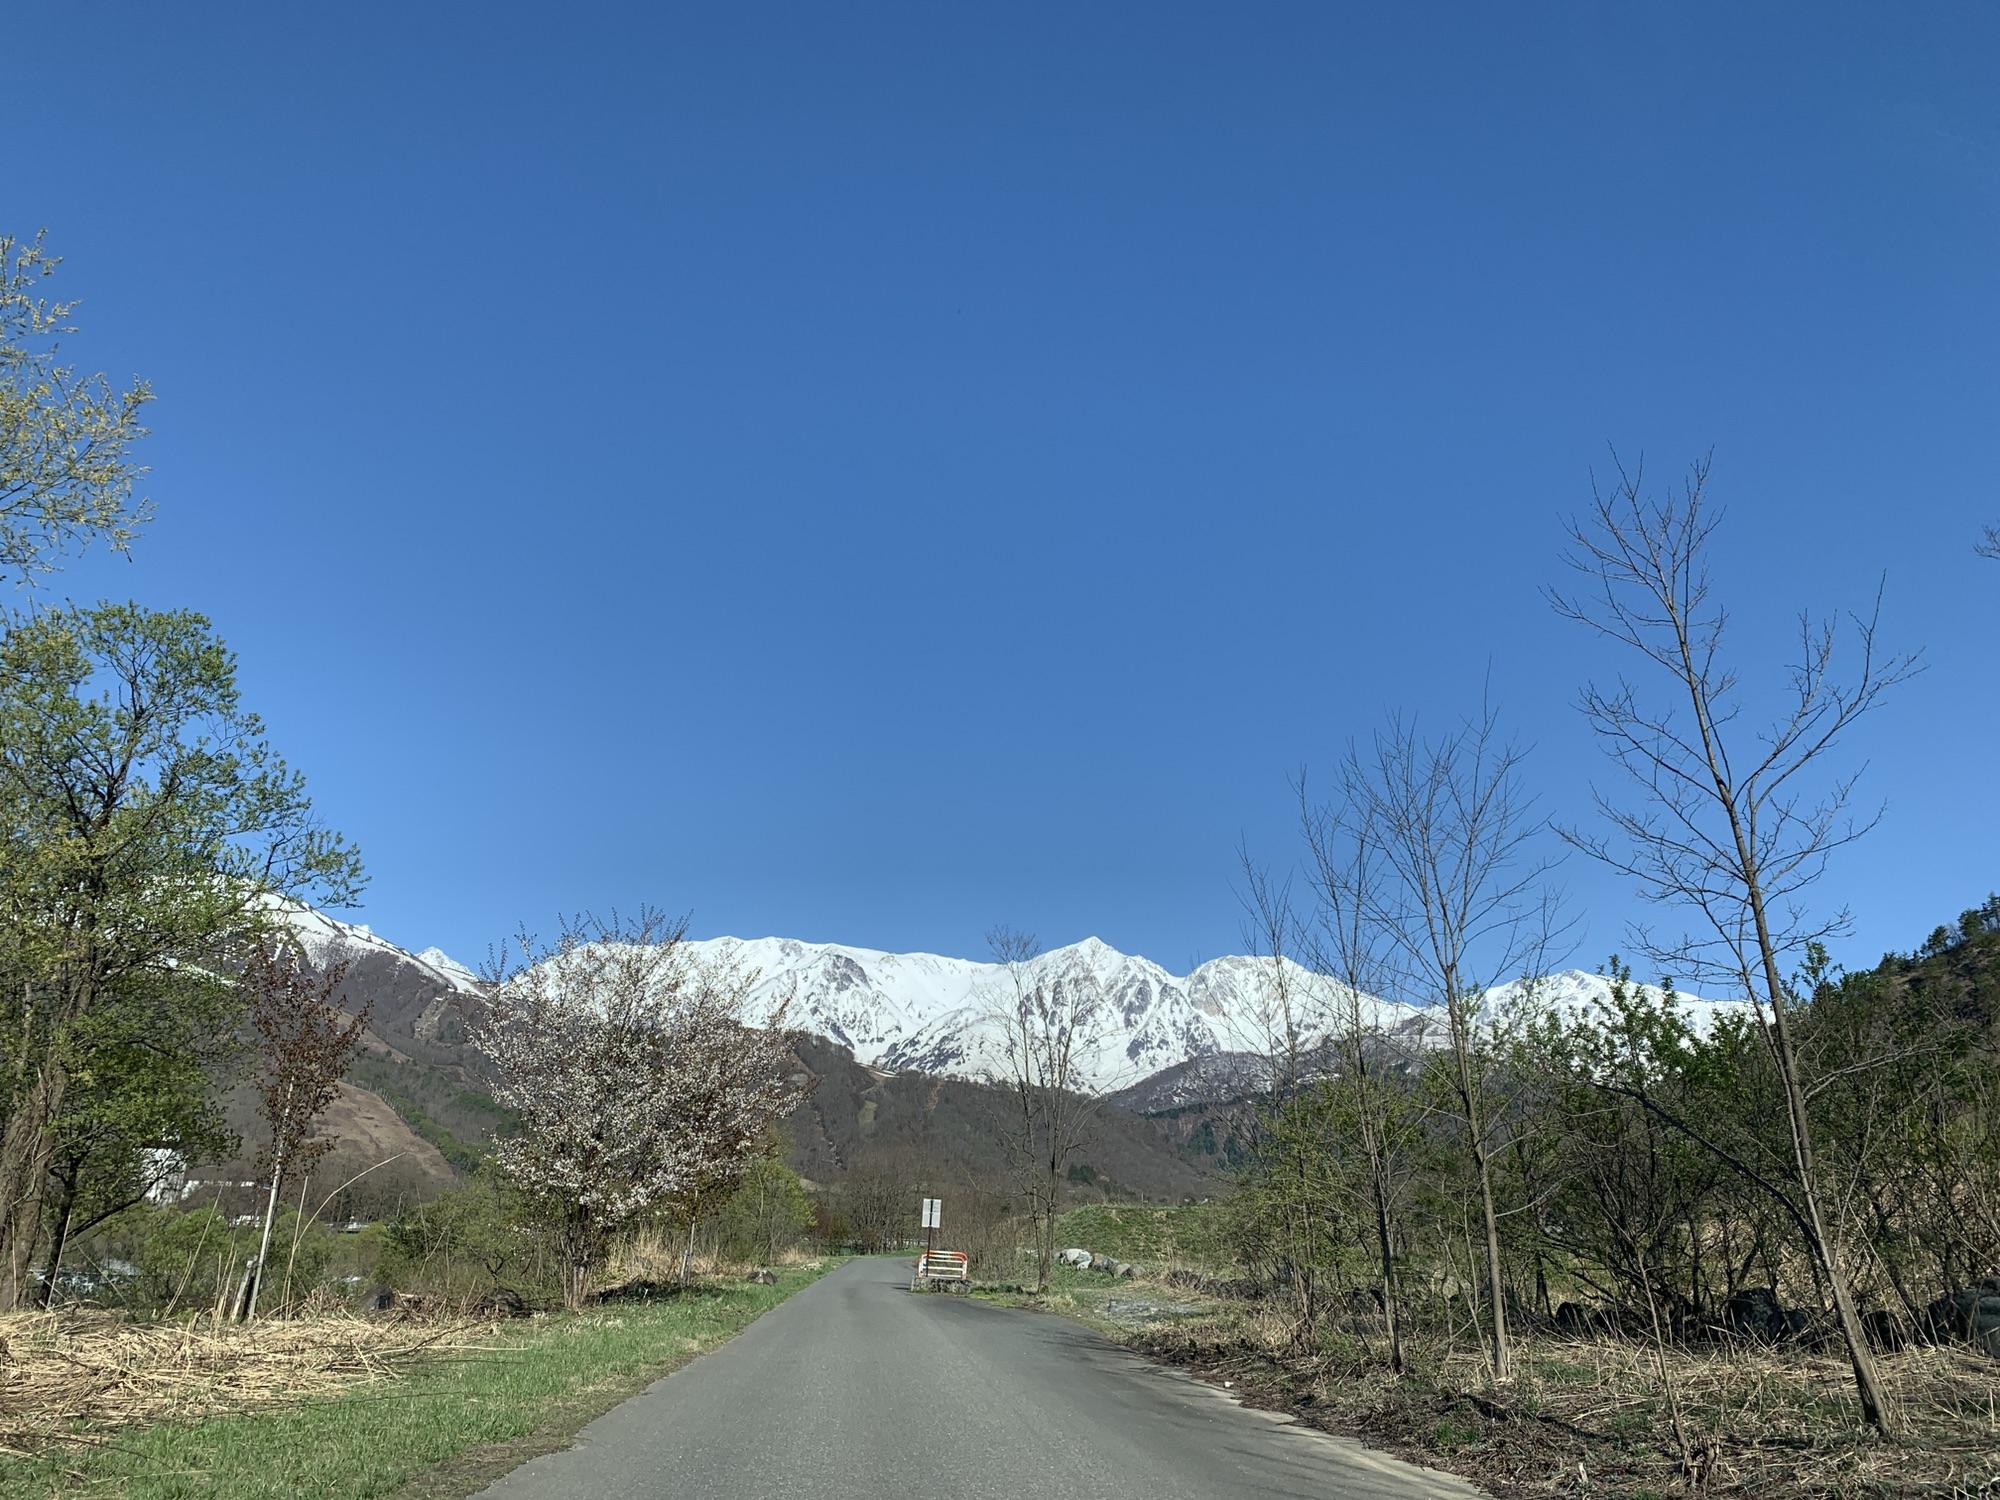 青空なら岩岳マウンテンハーバー